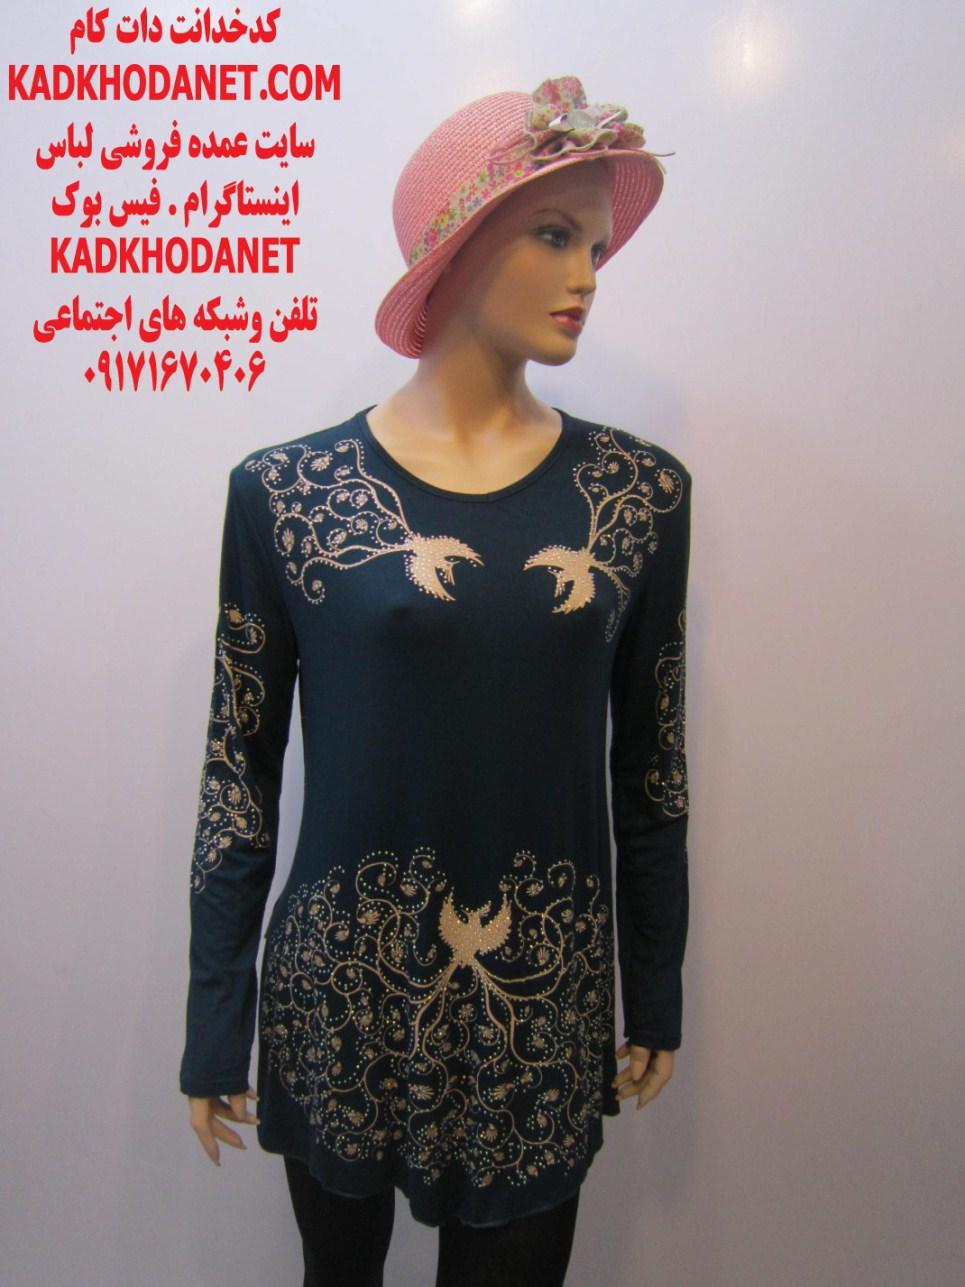 فروشگاه اینترنتی لباس زنانه قشم (3)